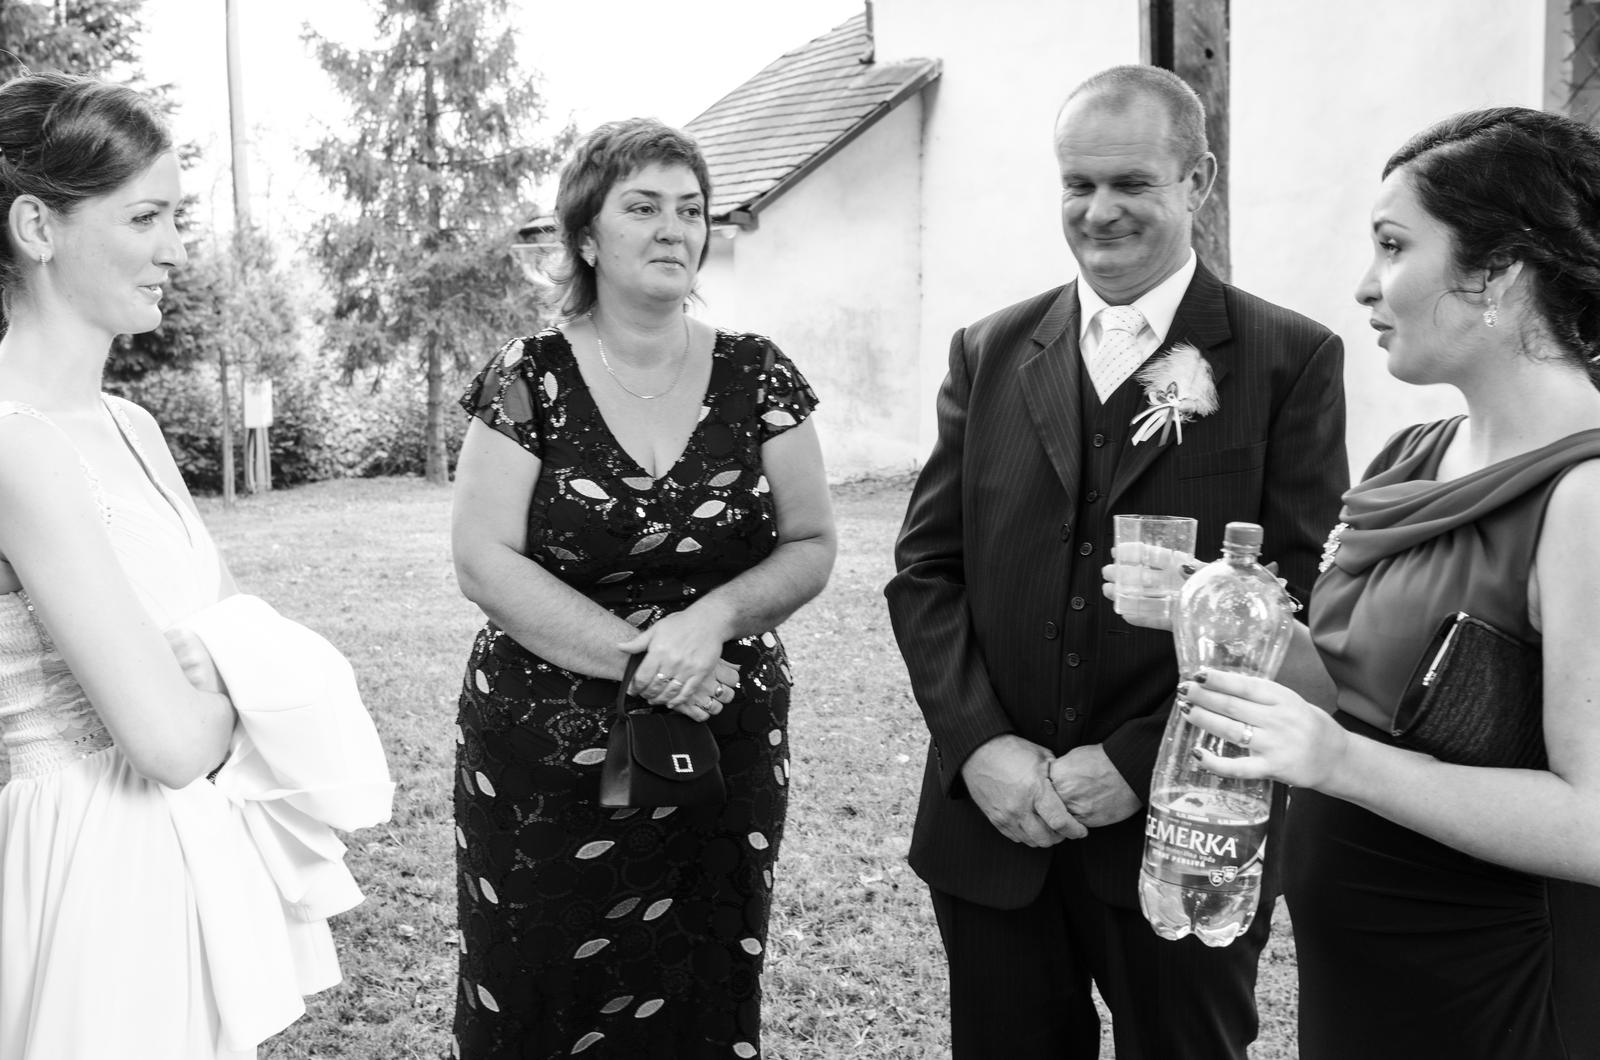 Monika{{_AND_}}Michal - Moja zatá svedkyňa, ktorá sa starala aj o pitný režim našich hostí a manželovho svedka